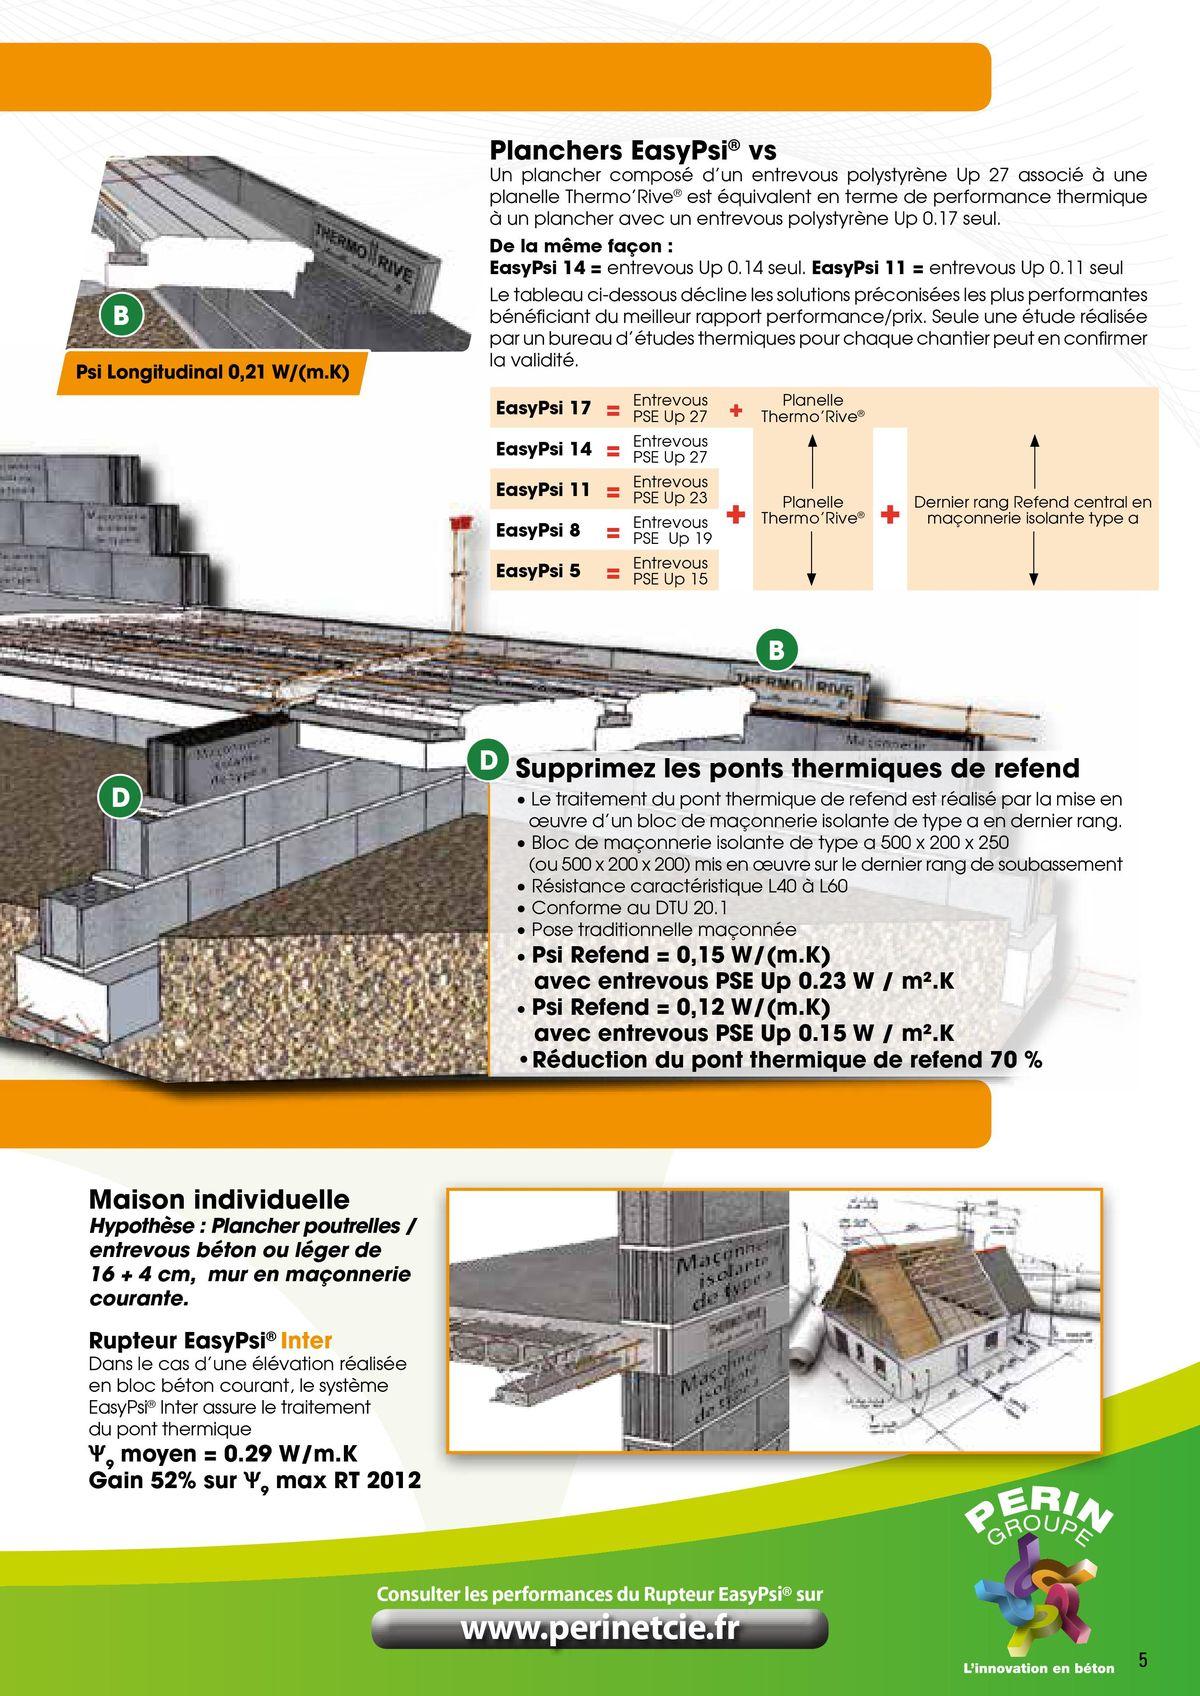 Le Rupteur Thermorive traite les ponts thermiques page 5